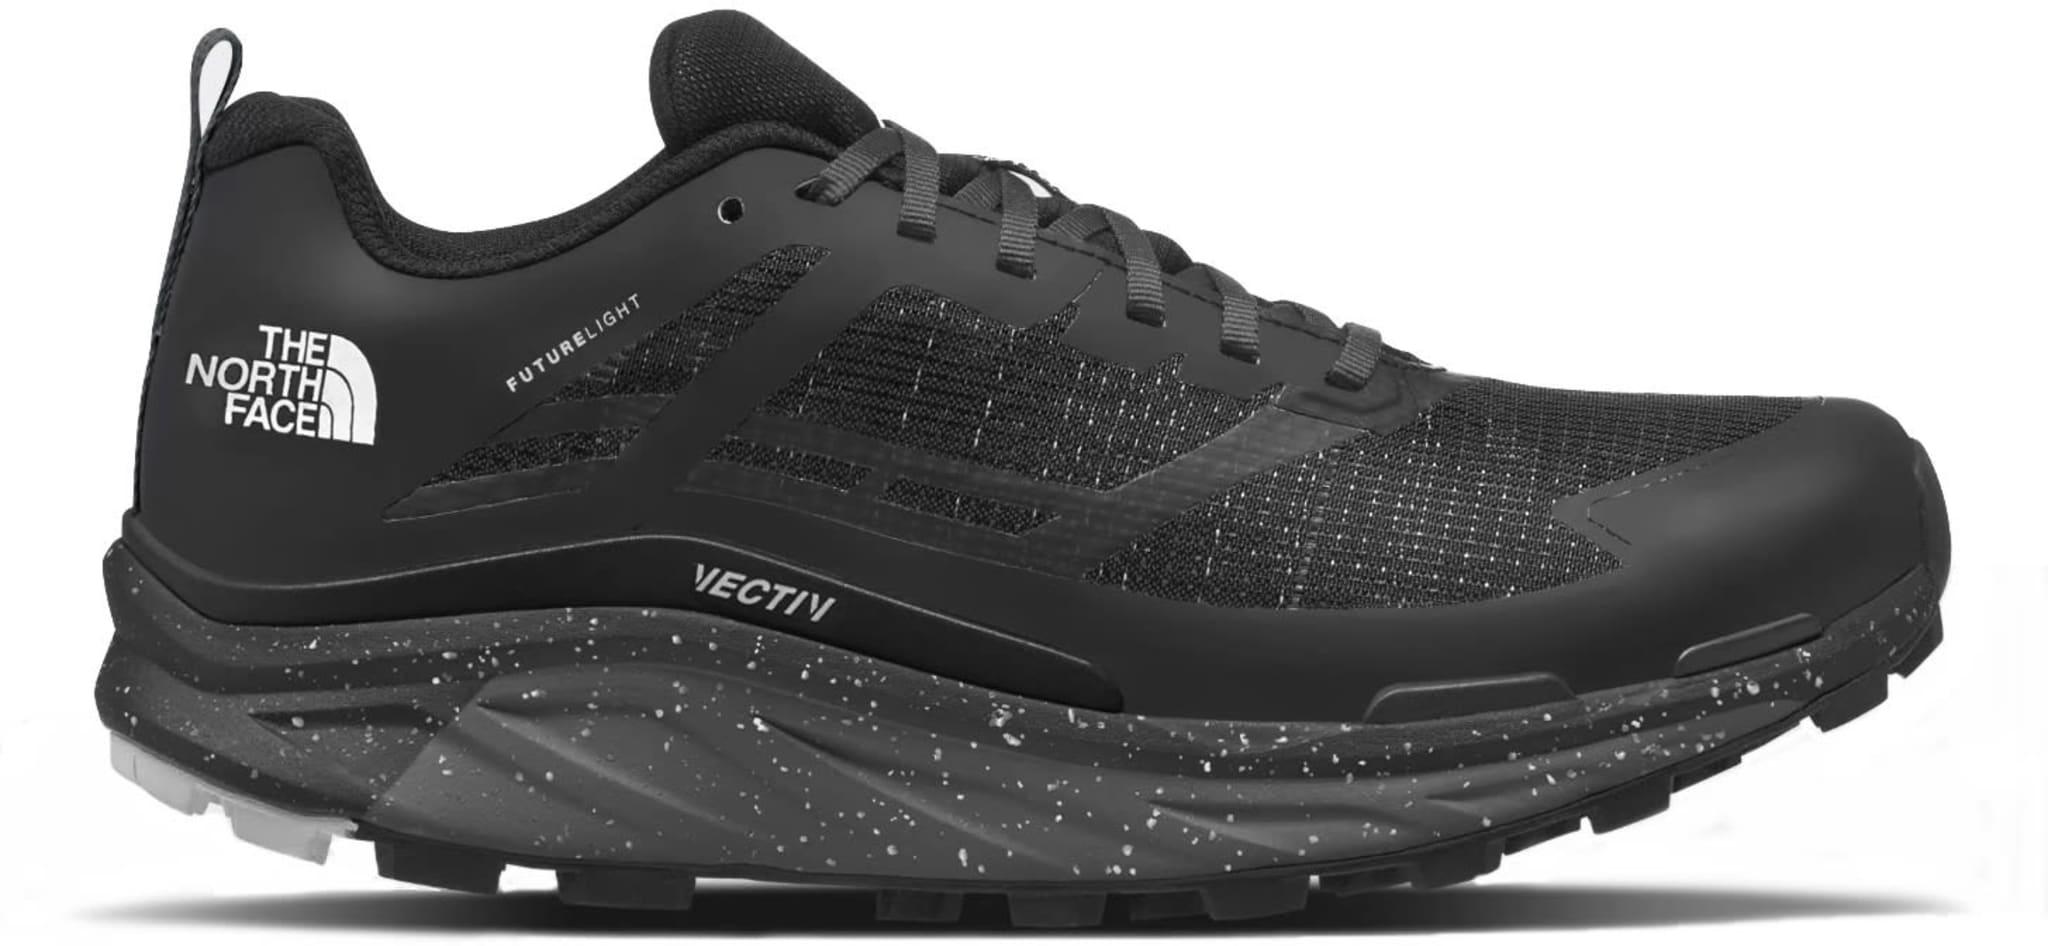 Vanntett, rask og utrolig slitesterk sko til terrengløp